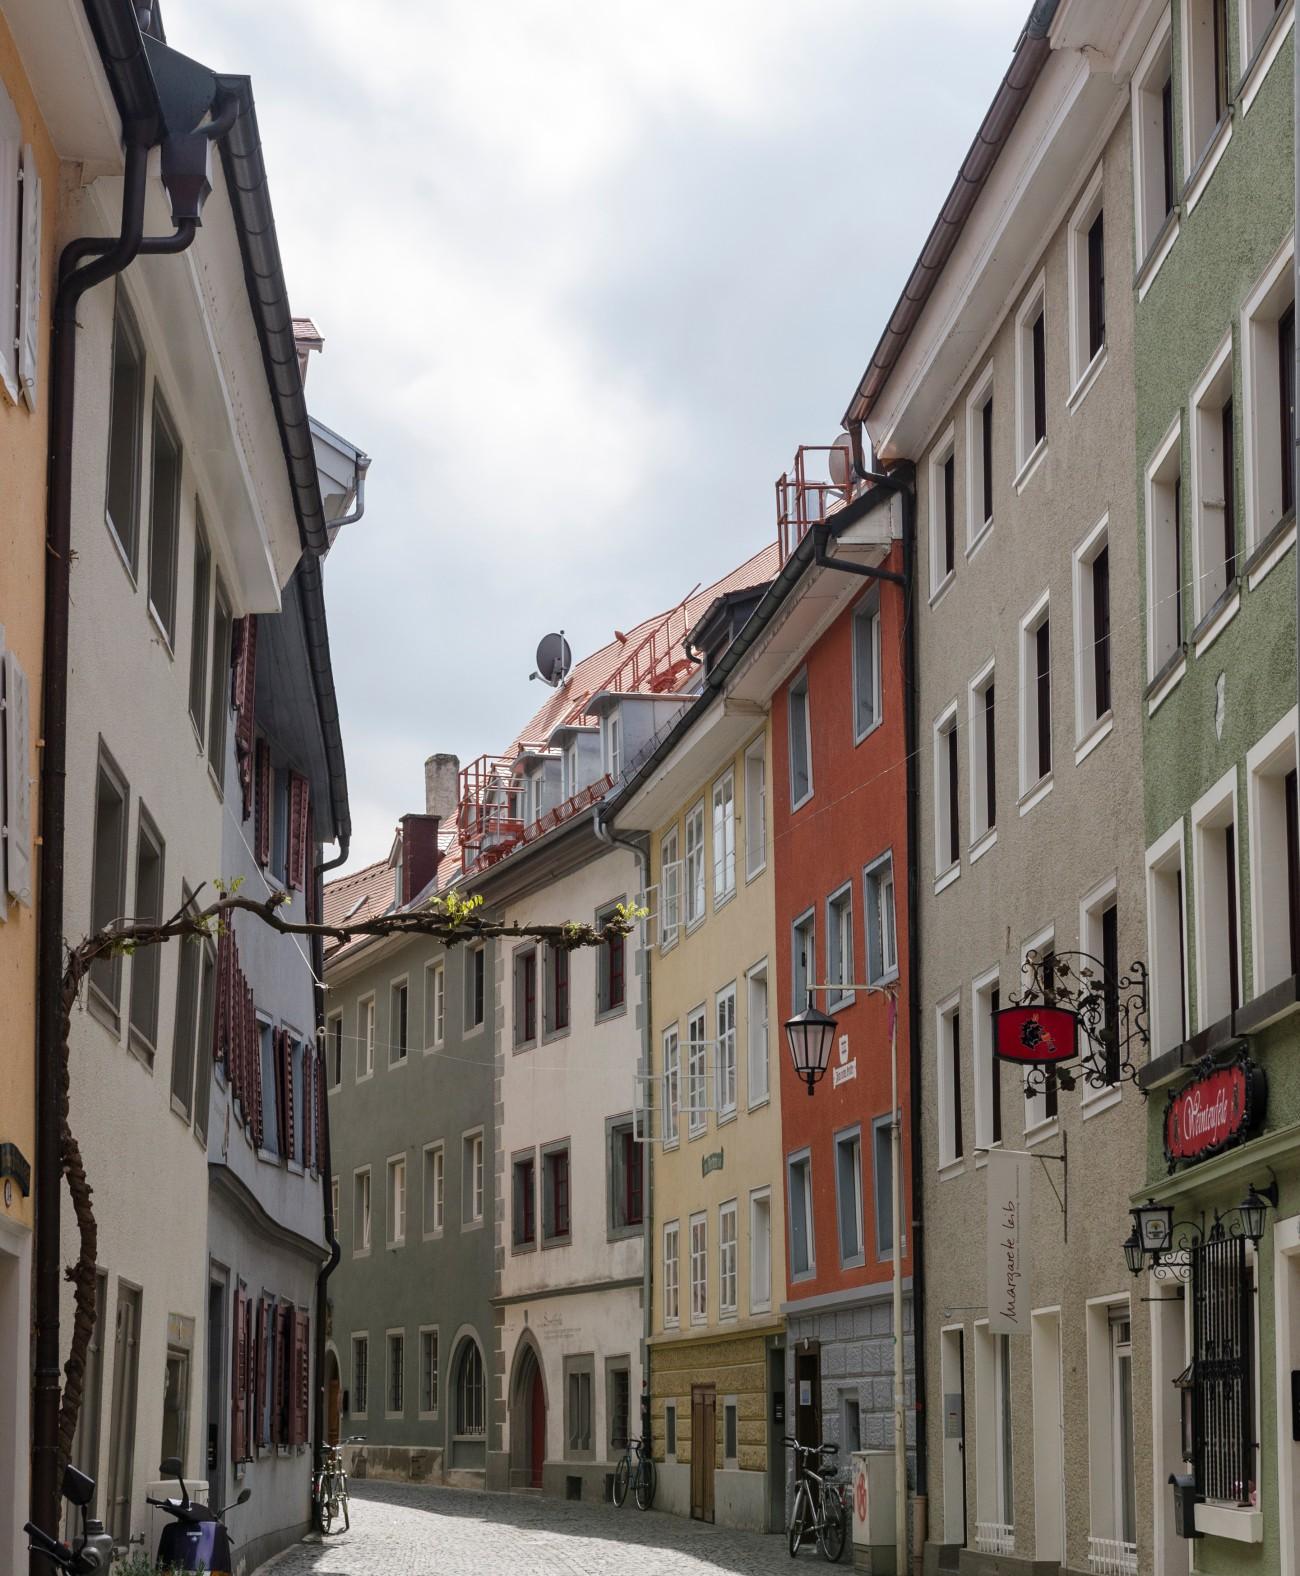 Az Óváros egyik utcája